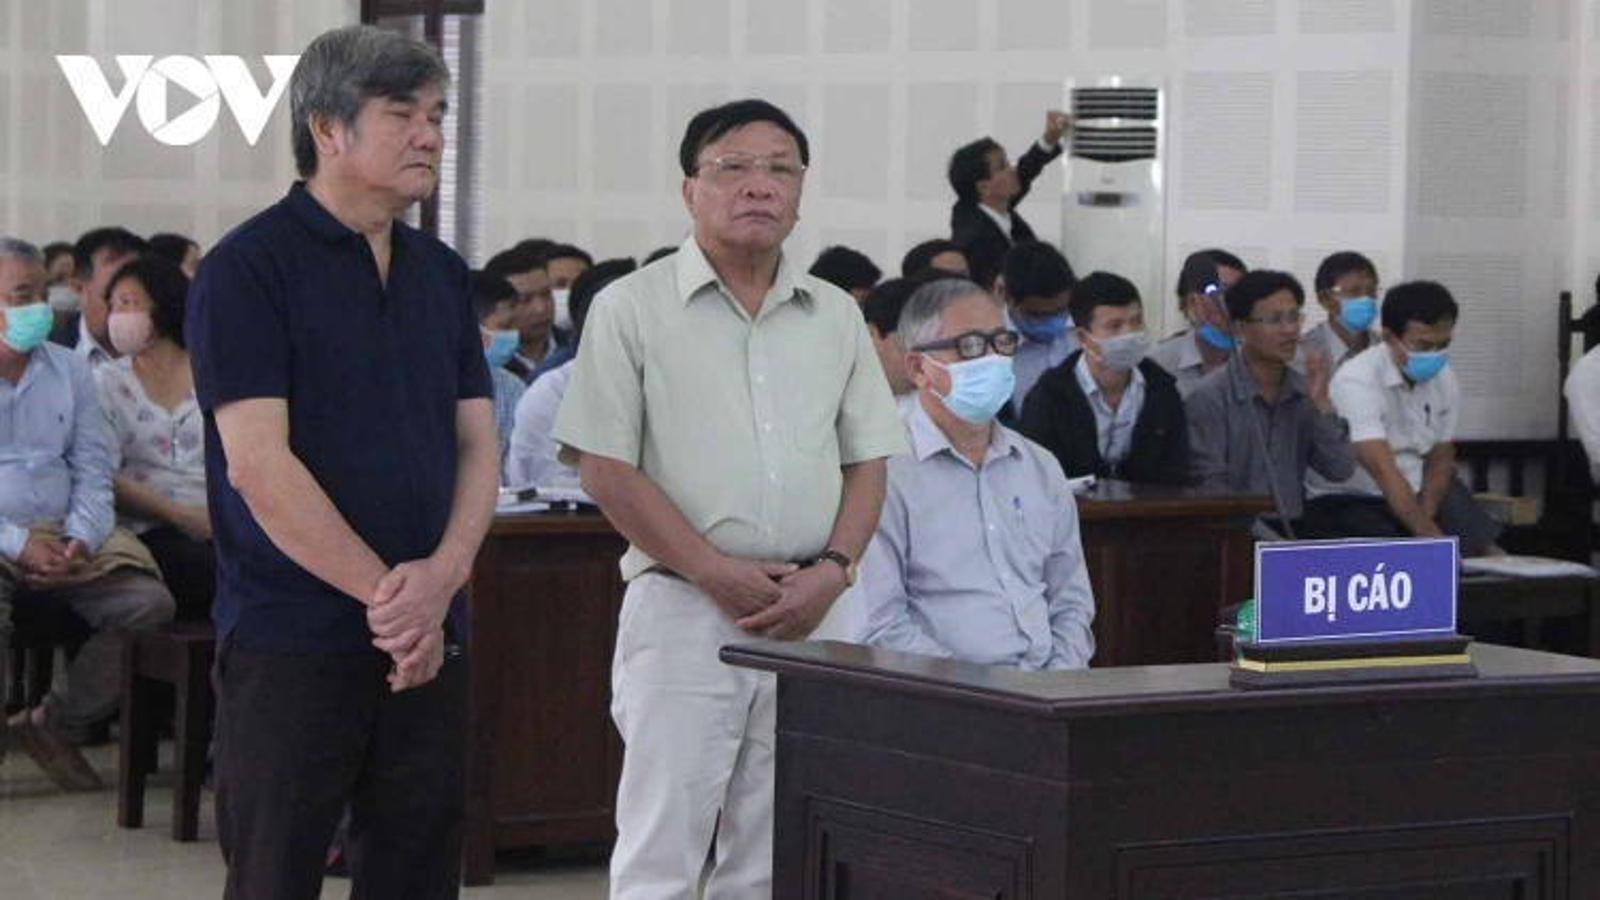 Tuyên án các bị cáo gây thiệt hại hơn 9 tỷ đồng Khu tái định ở Hòa Vang